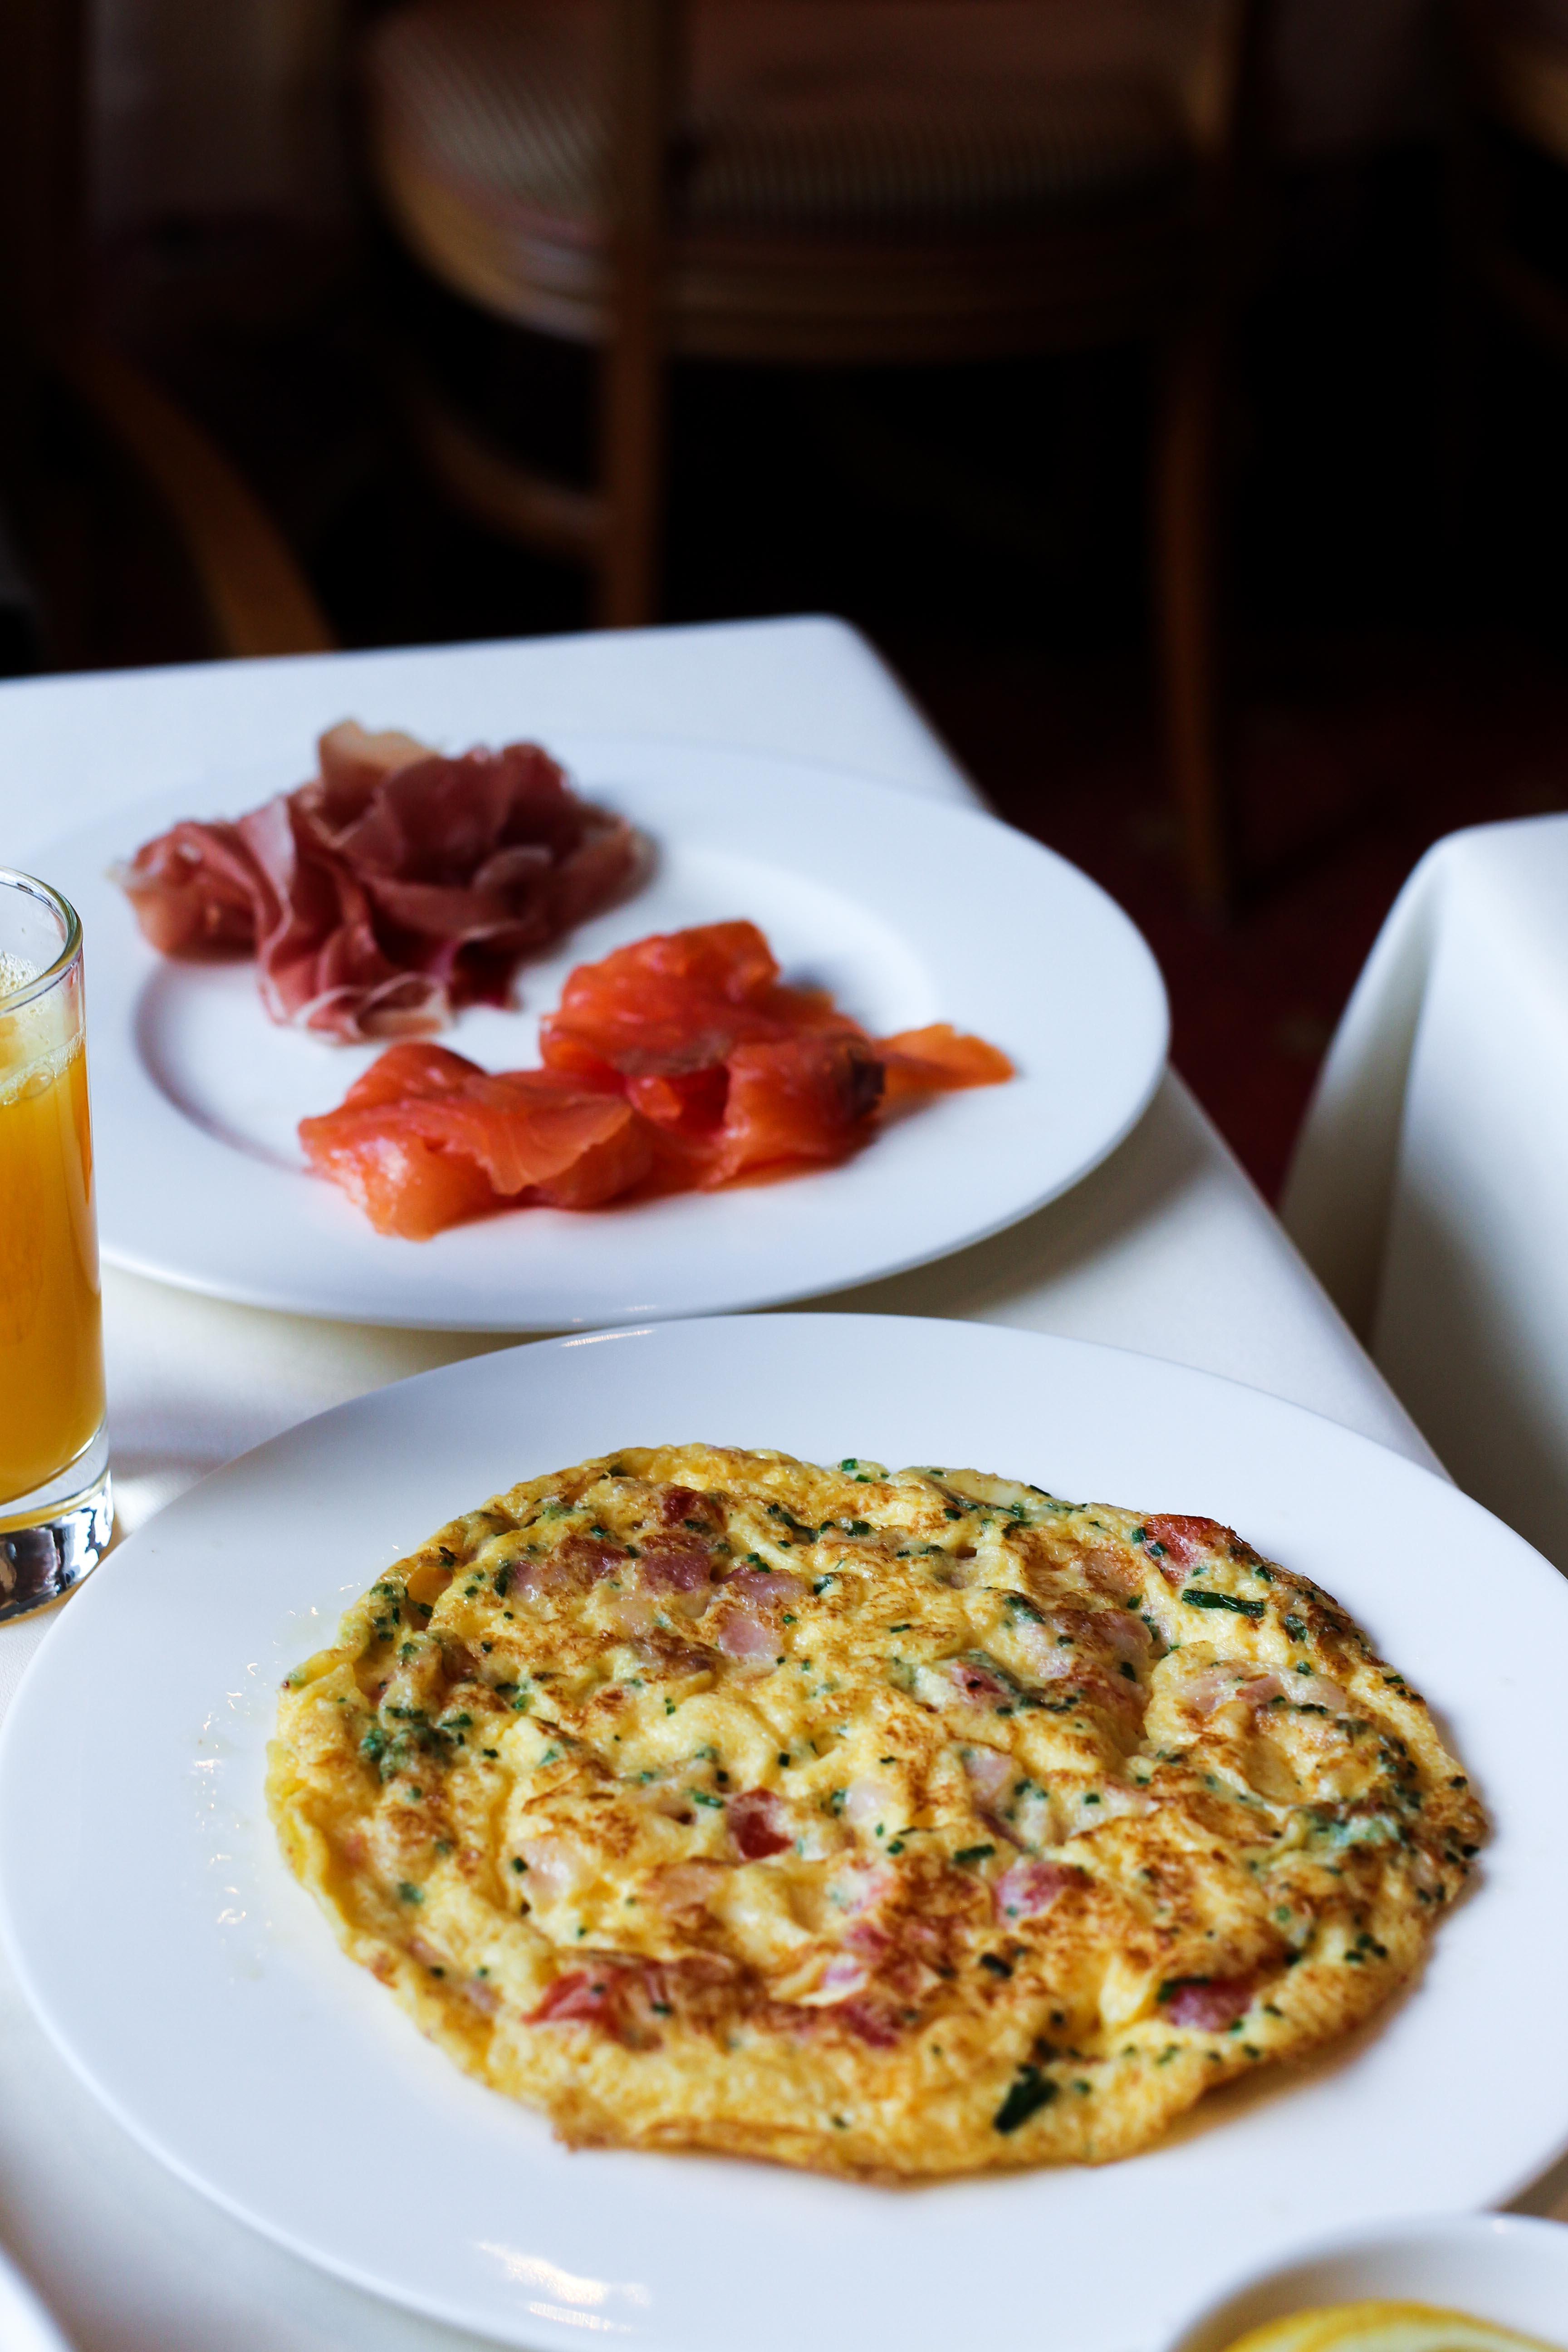 Frühstück Omelette Lachs Gourmethotel Das Central Sölden 5-Sterne Luxushotel Sölden Tirol Österreich Winterurlaub Reiseblog